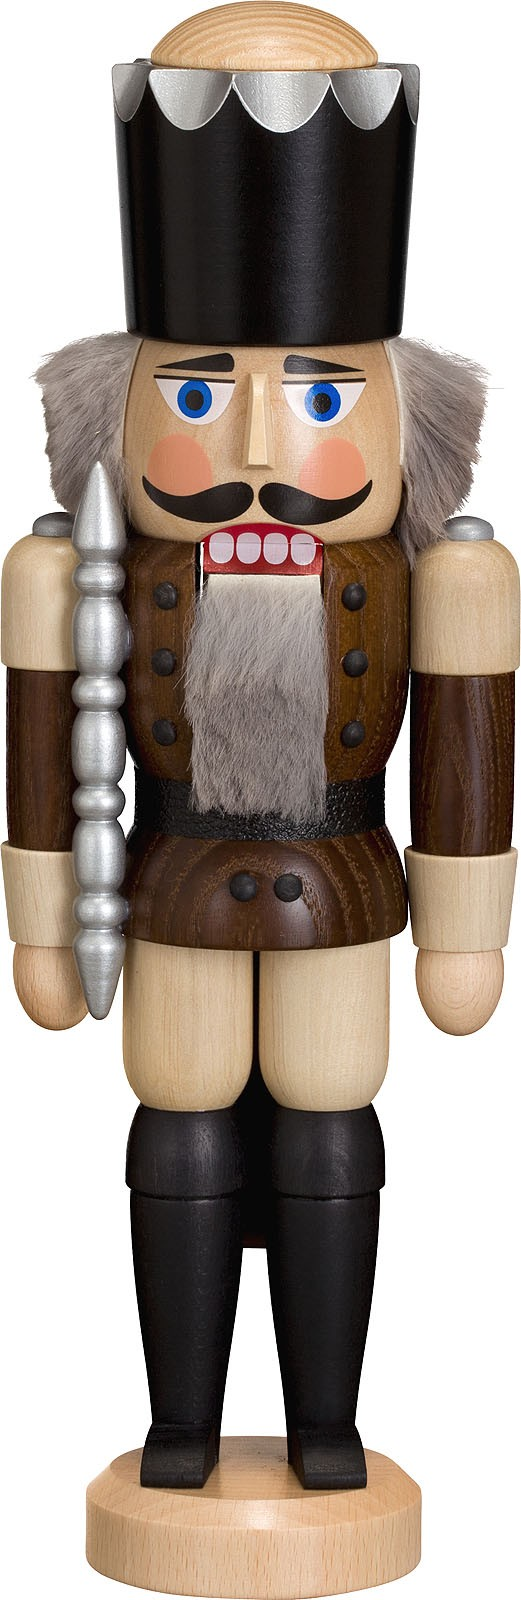 Nussknacker König, Esche lasiert, braun, 29 cm